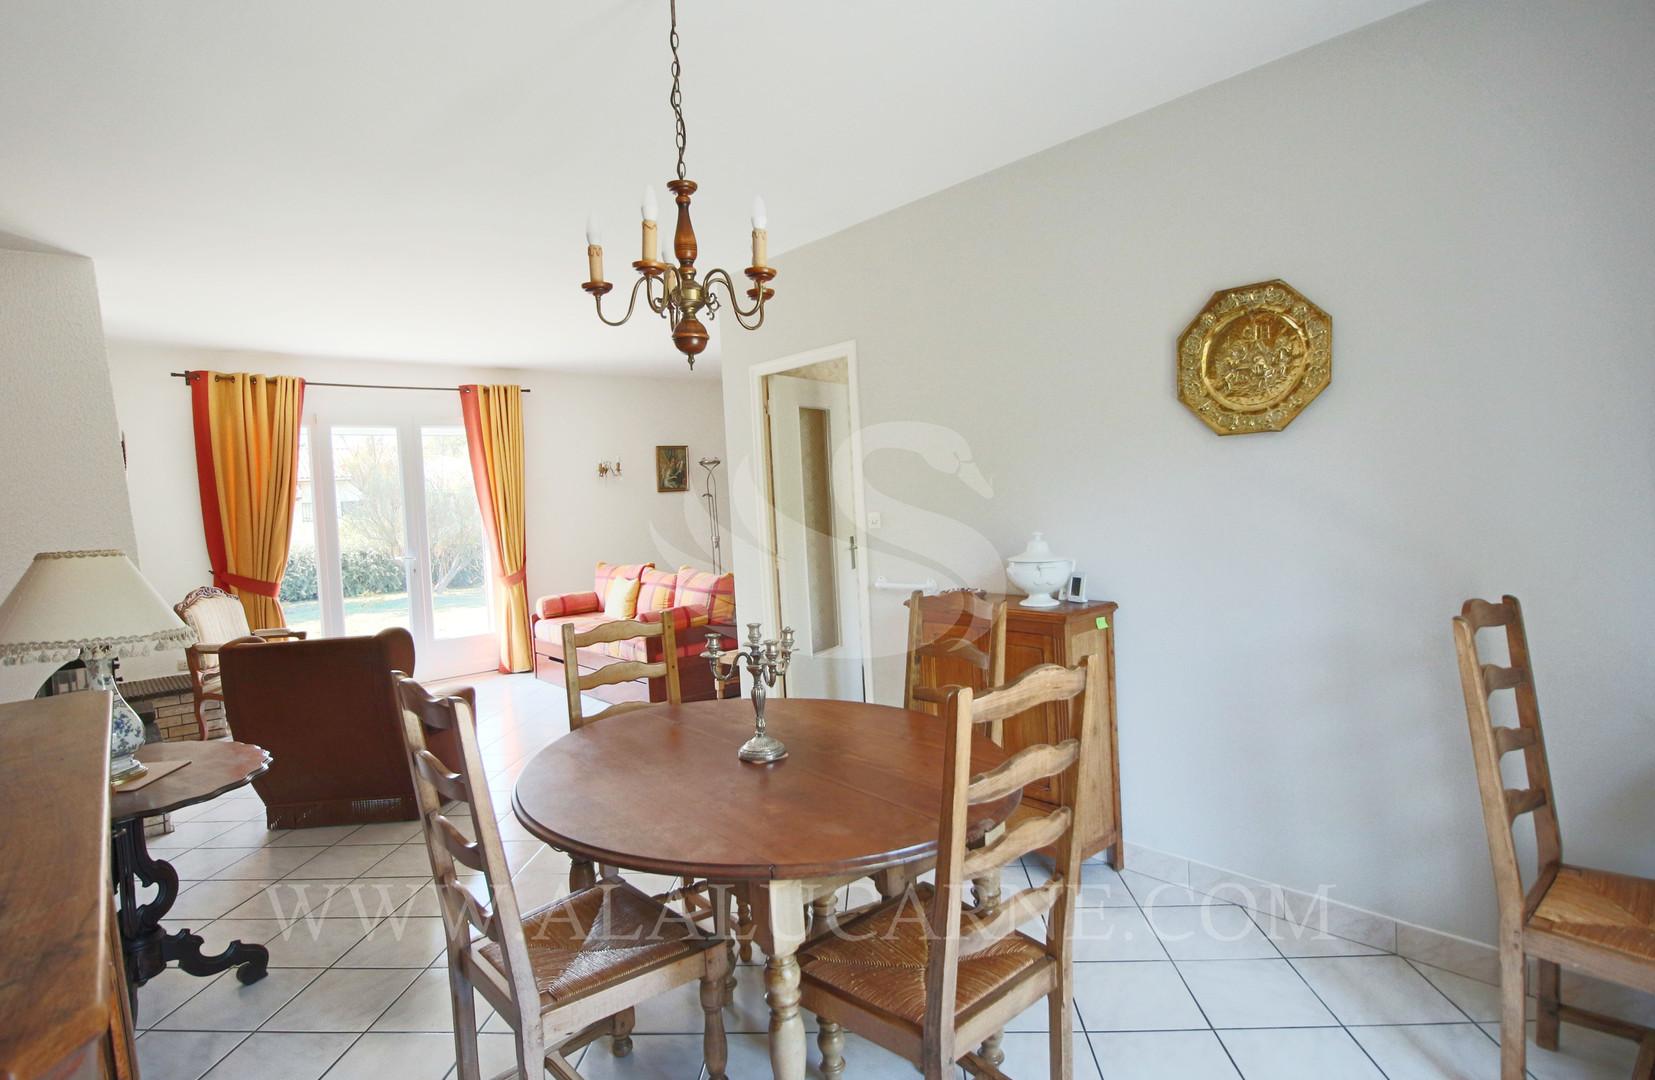 A_vendre_maison__en_lisière_de_fôret_s